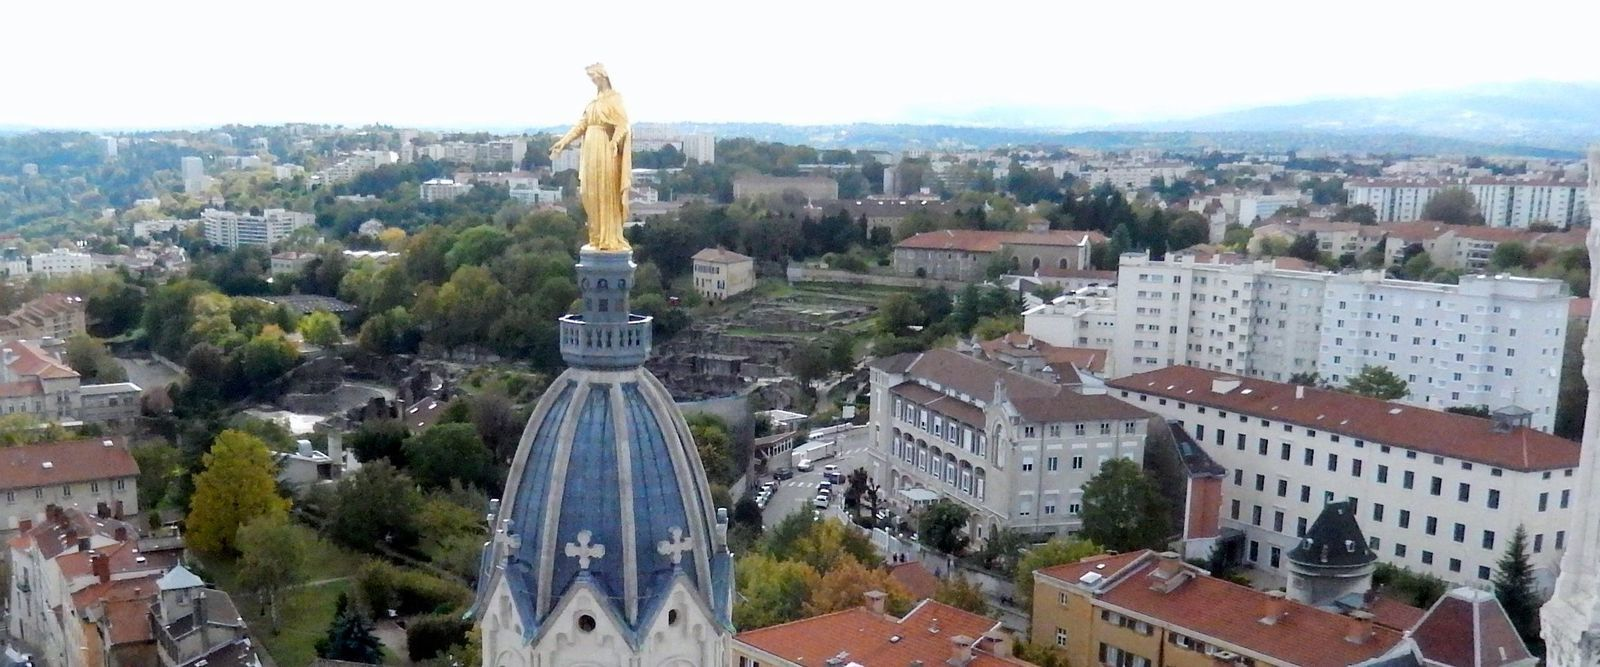 Du haut  de la  terrasse St Michel vers le sud